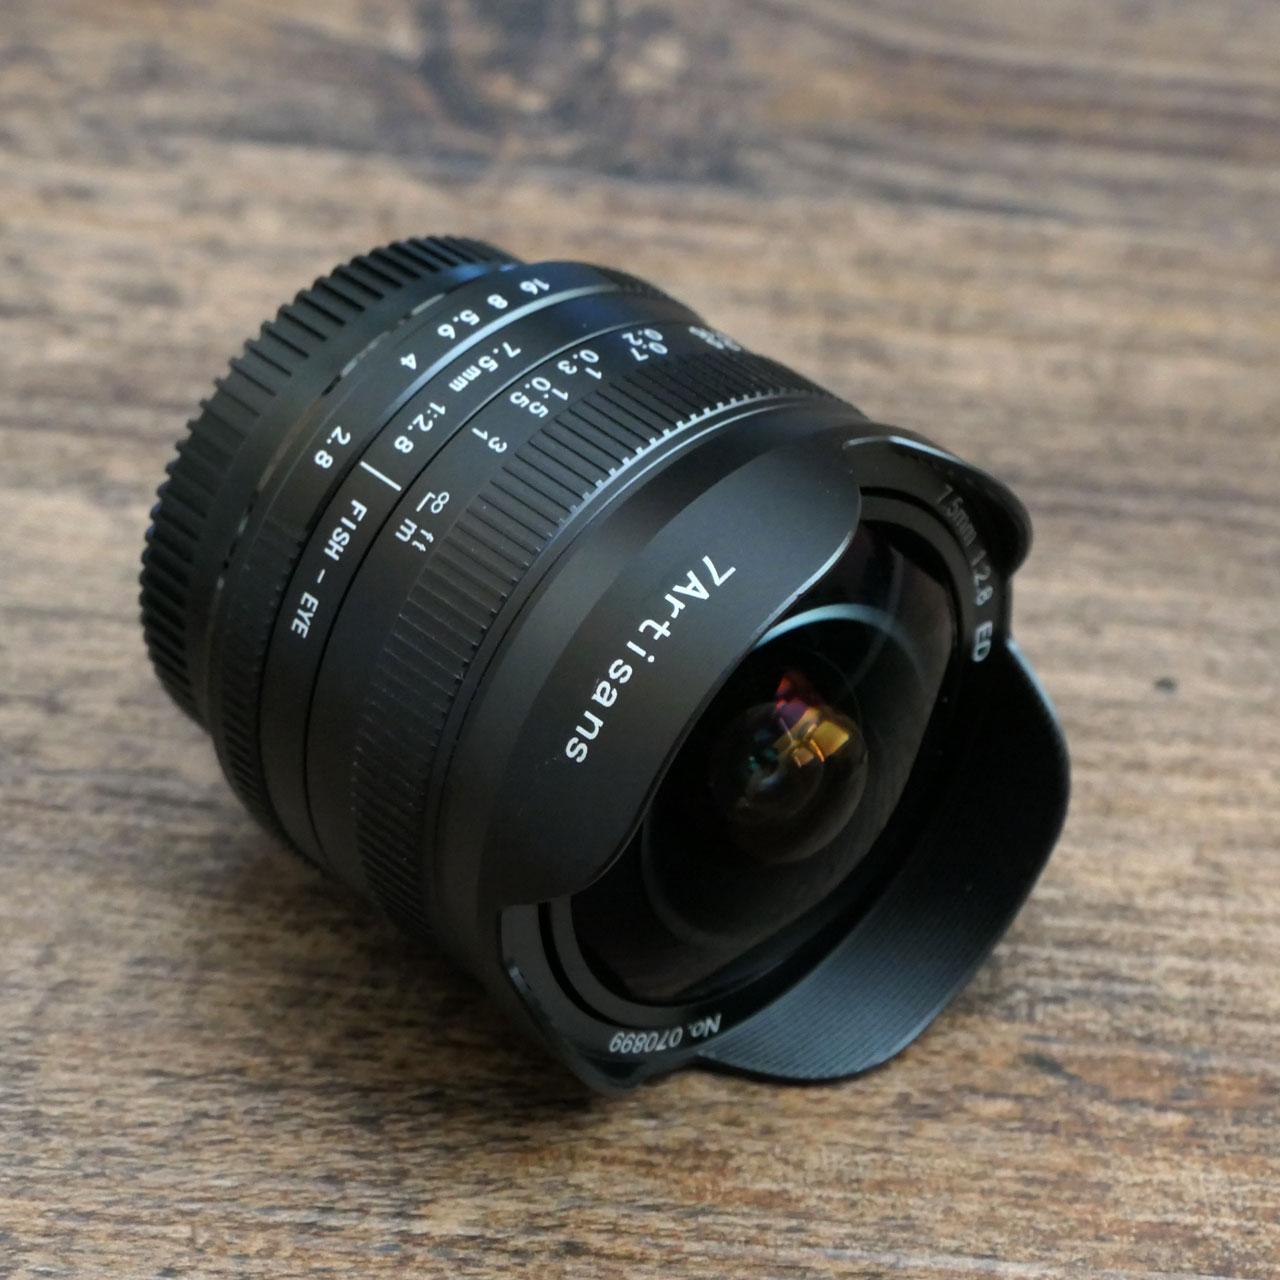 7artisans 7.5mm F2.8 II for M4/3